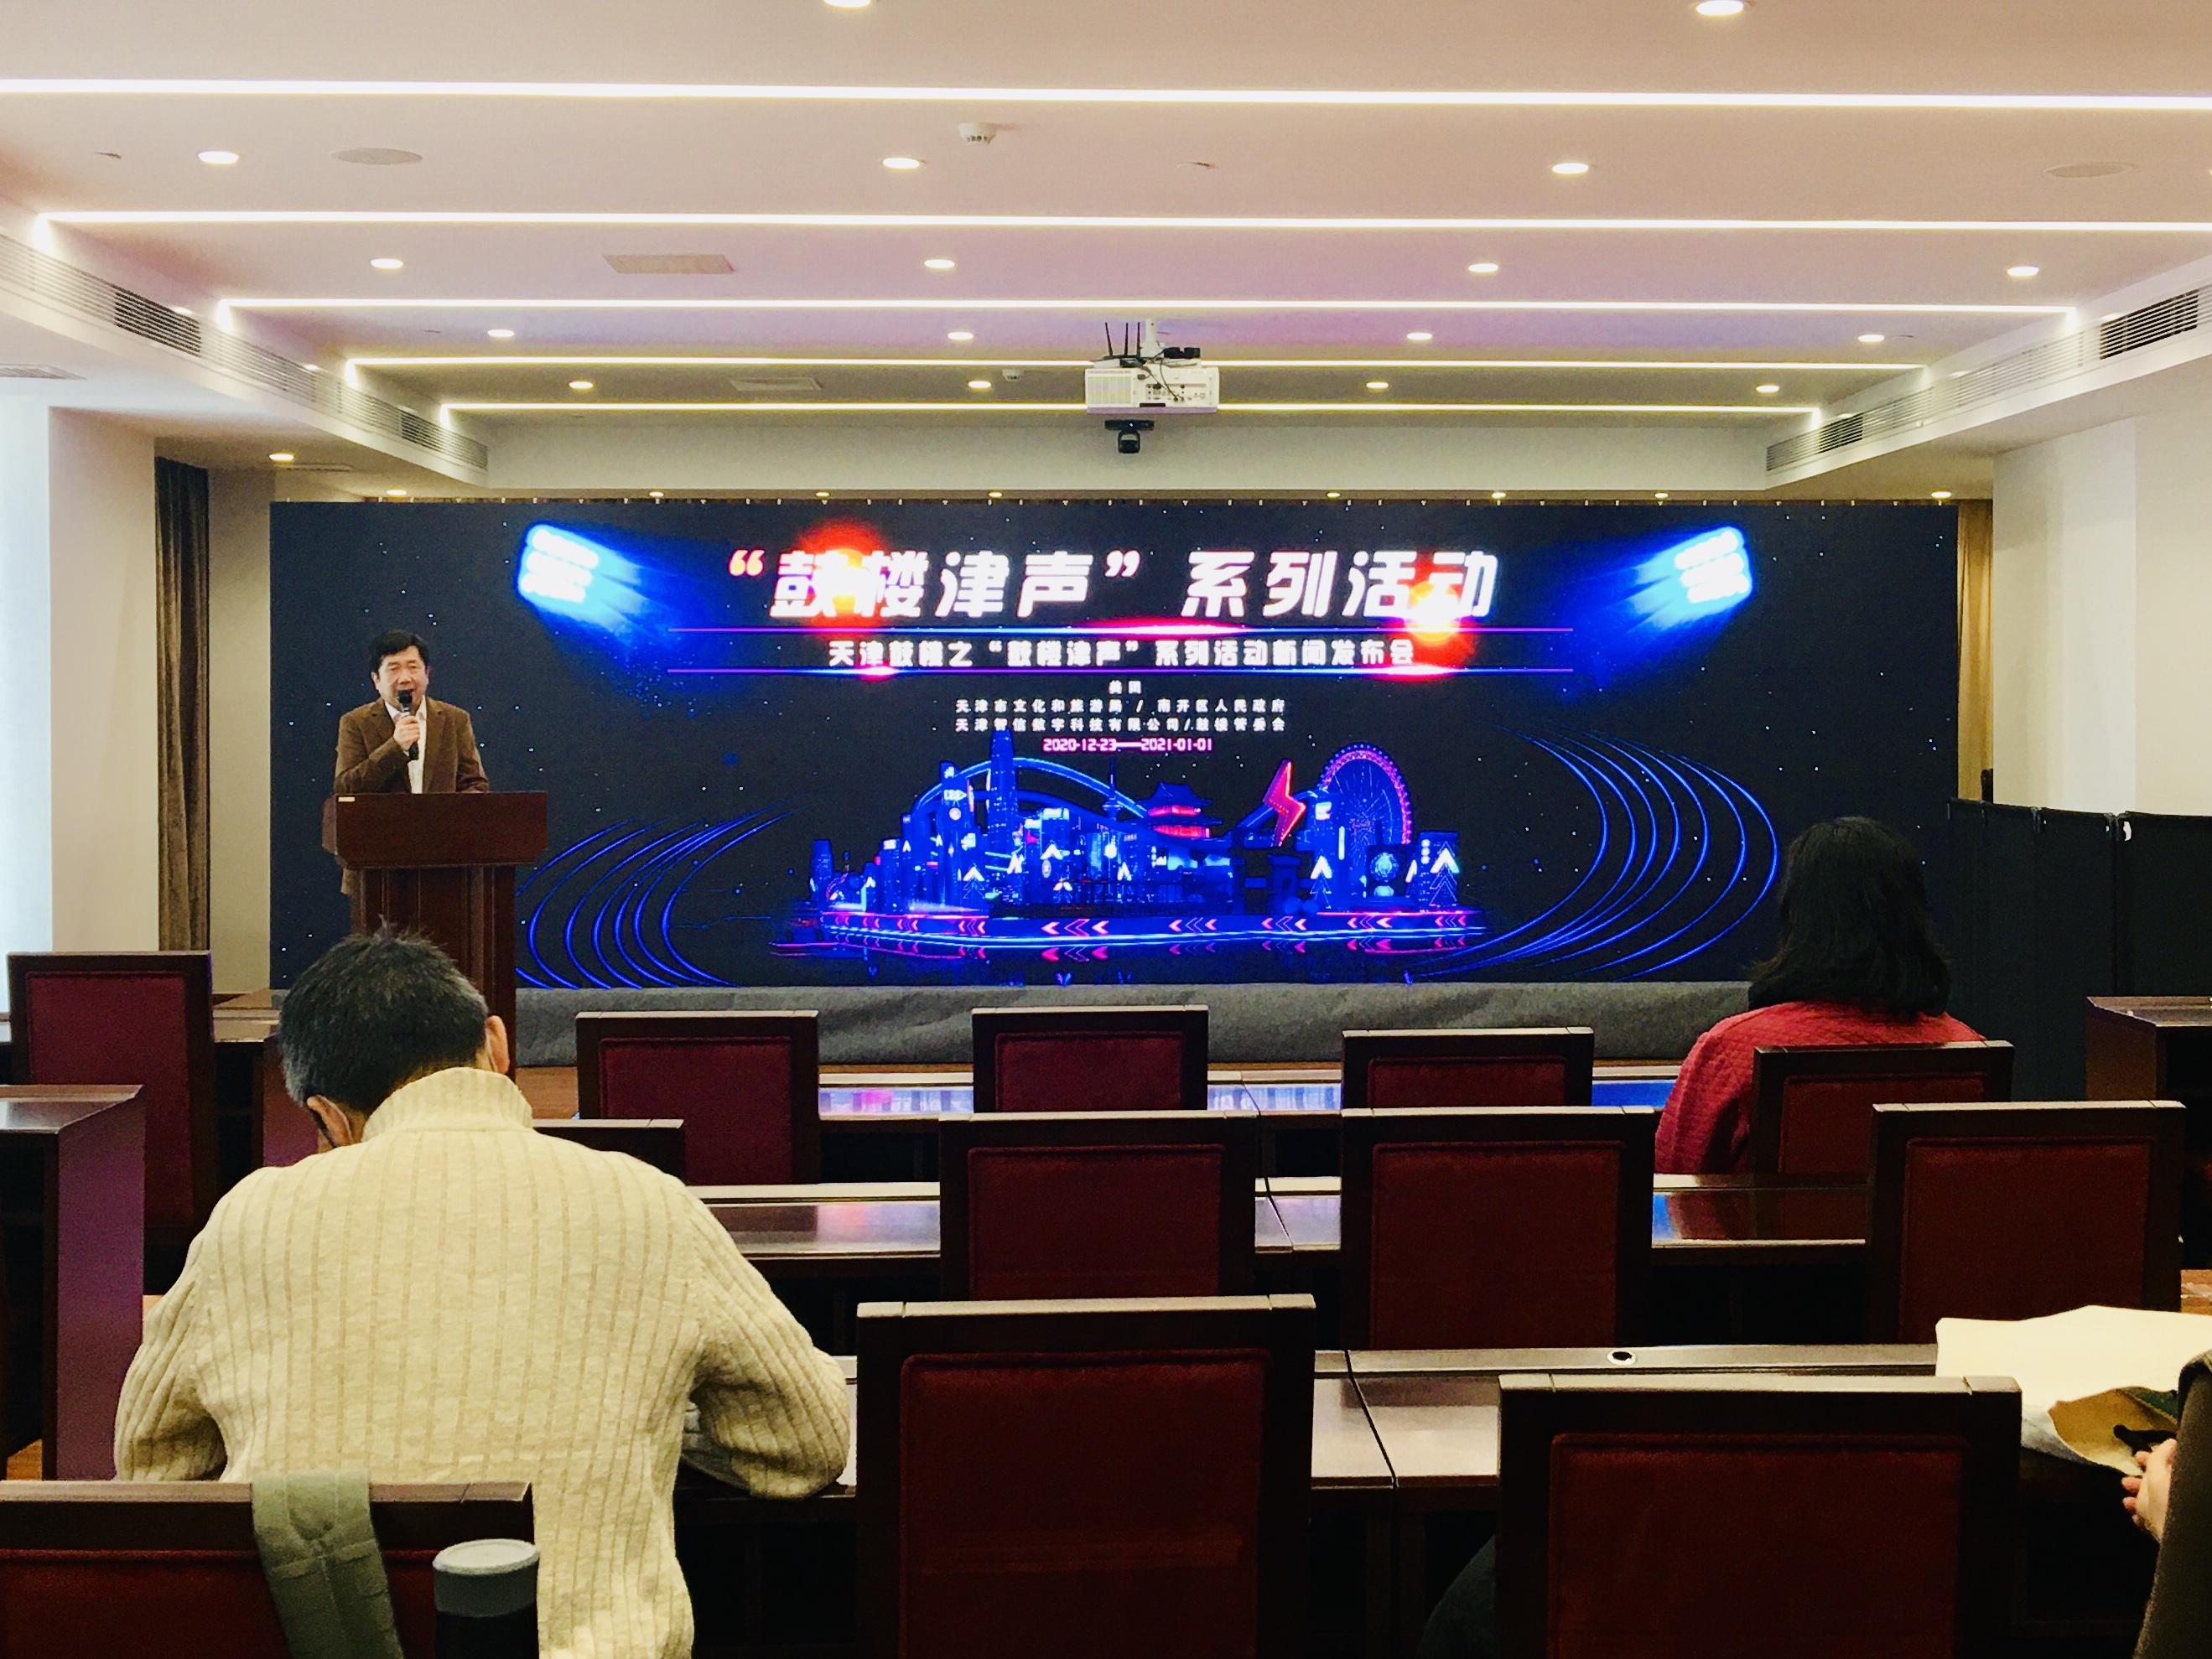 天津将在鼓楼举办庆生、跨年灯光秀活动